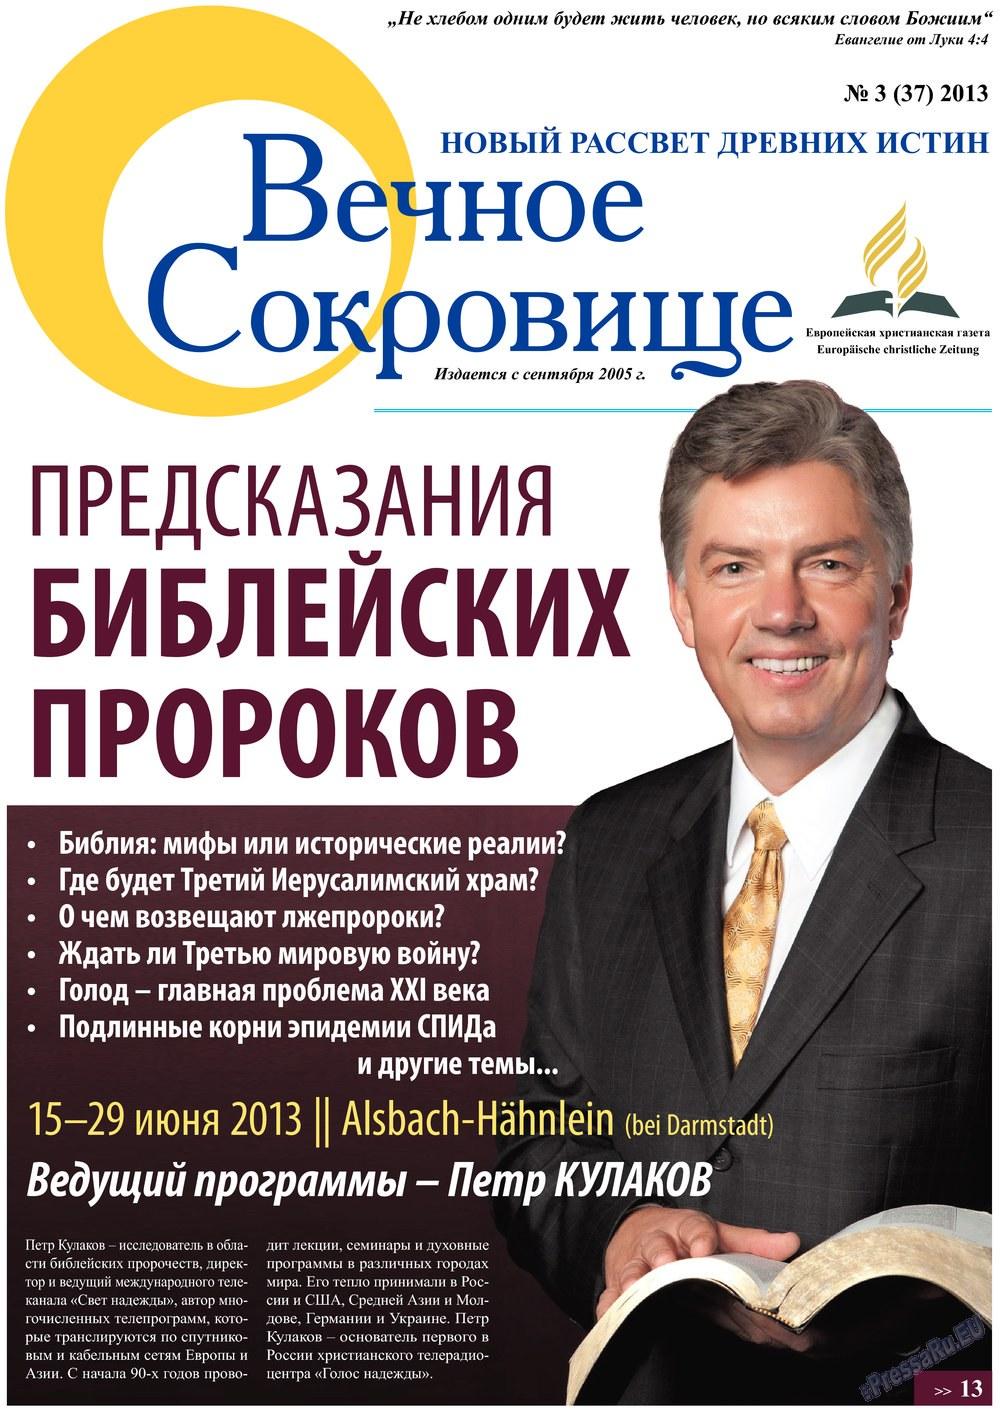 Вечное сокровище (газета). 2013 год, номер 3, стр. 1